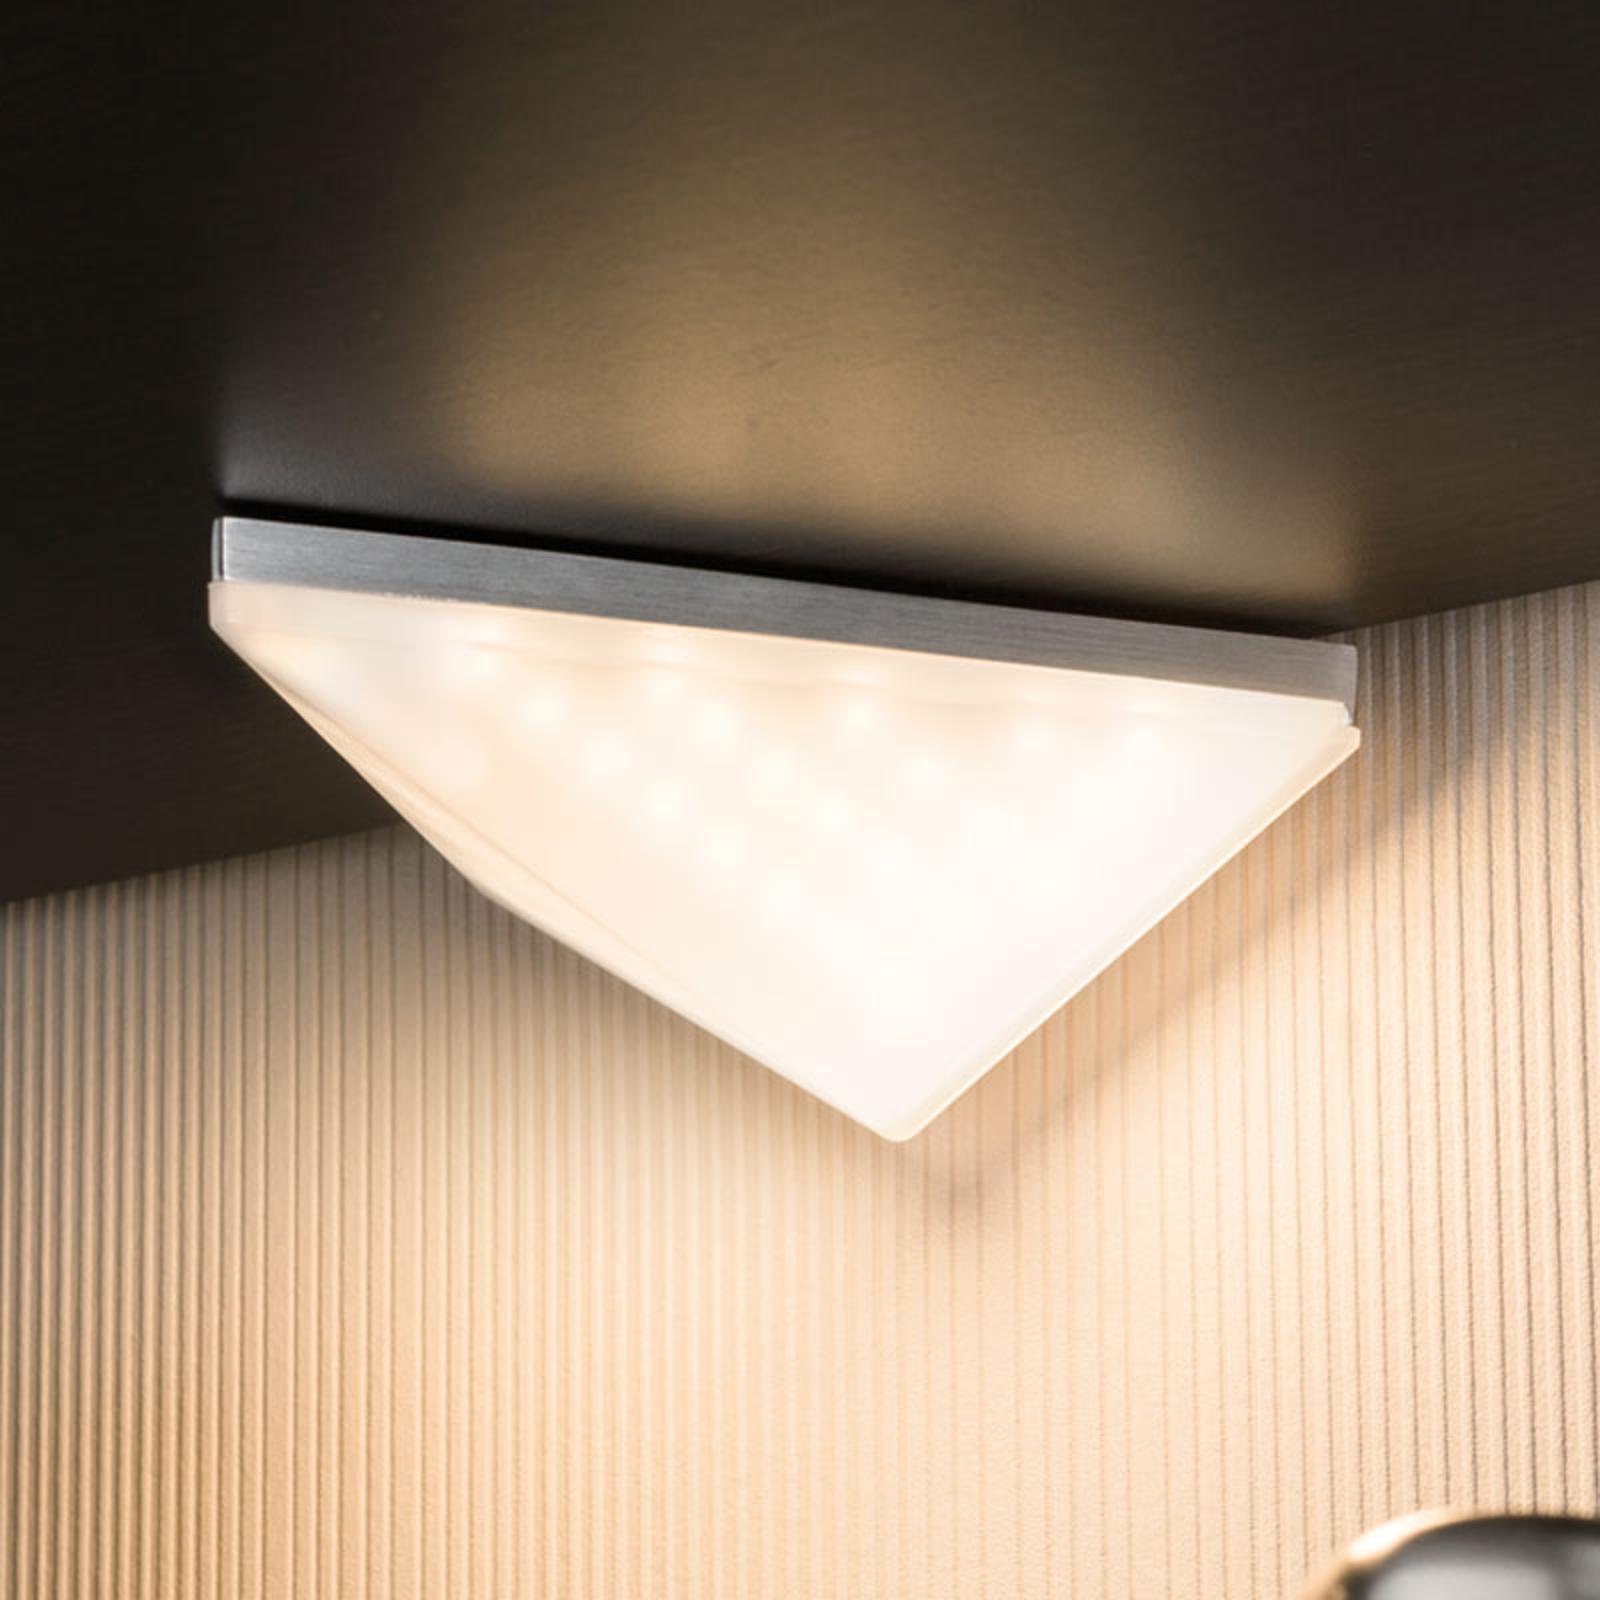 Paulmann Kite LED-Unterschrankleuchte, 2er-Set